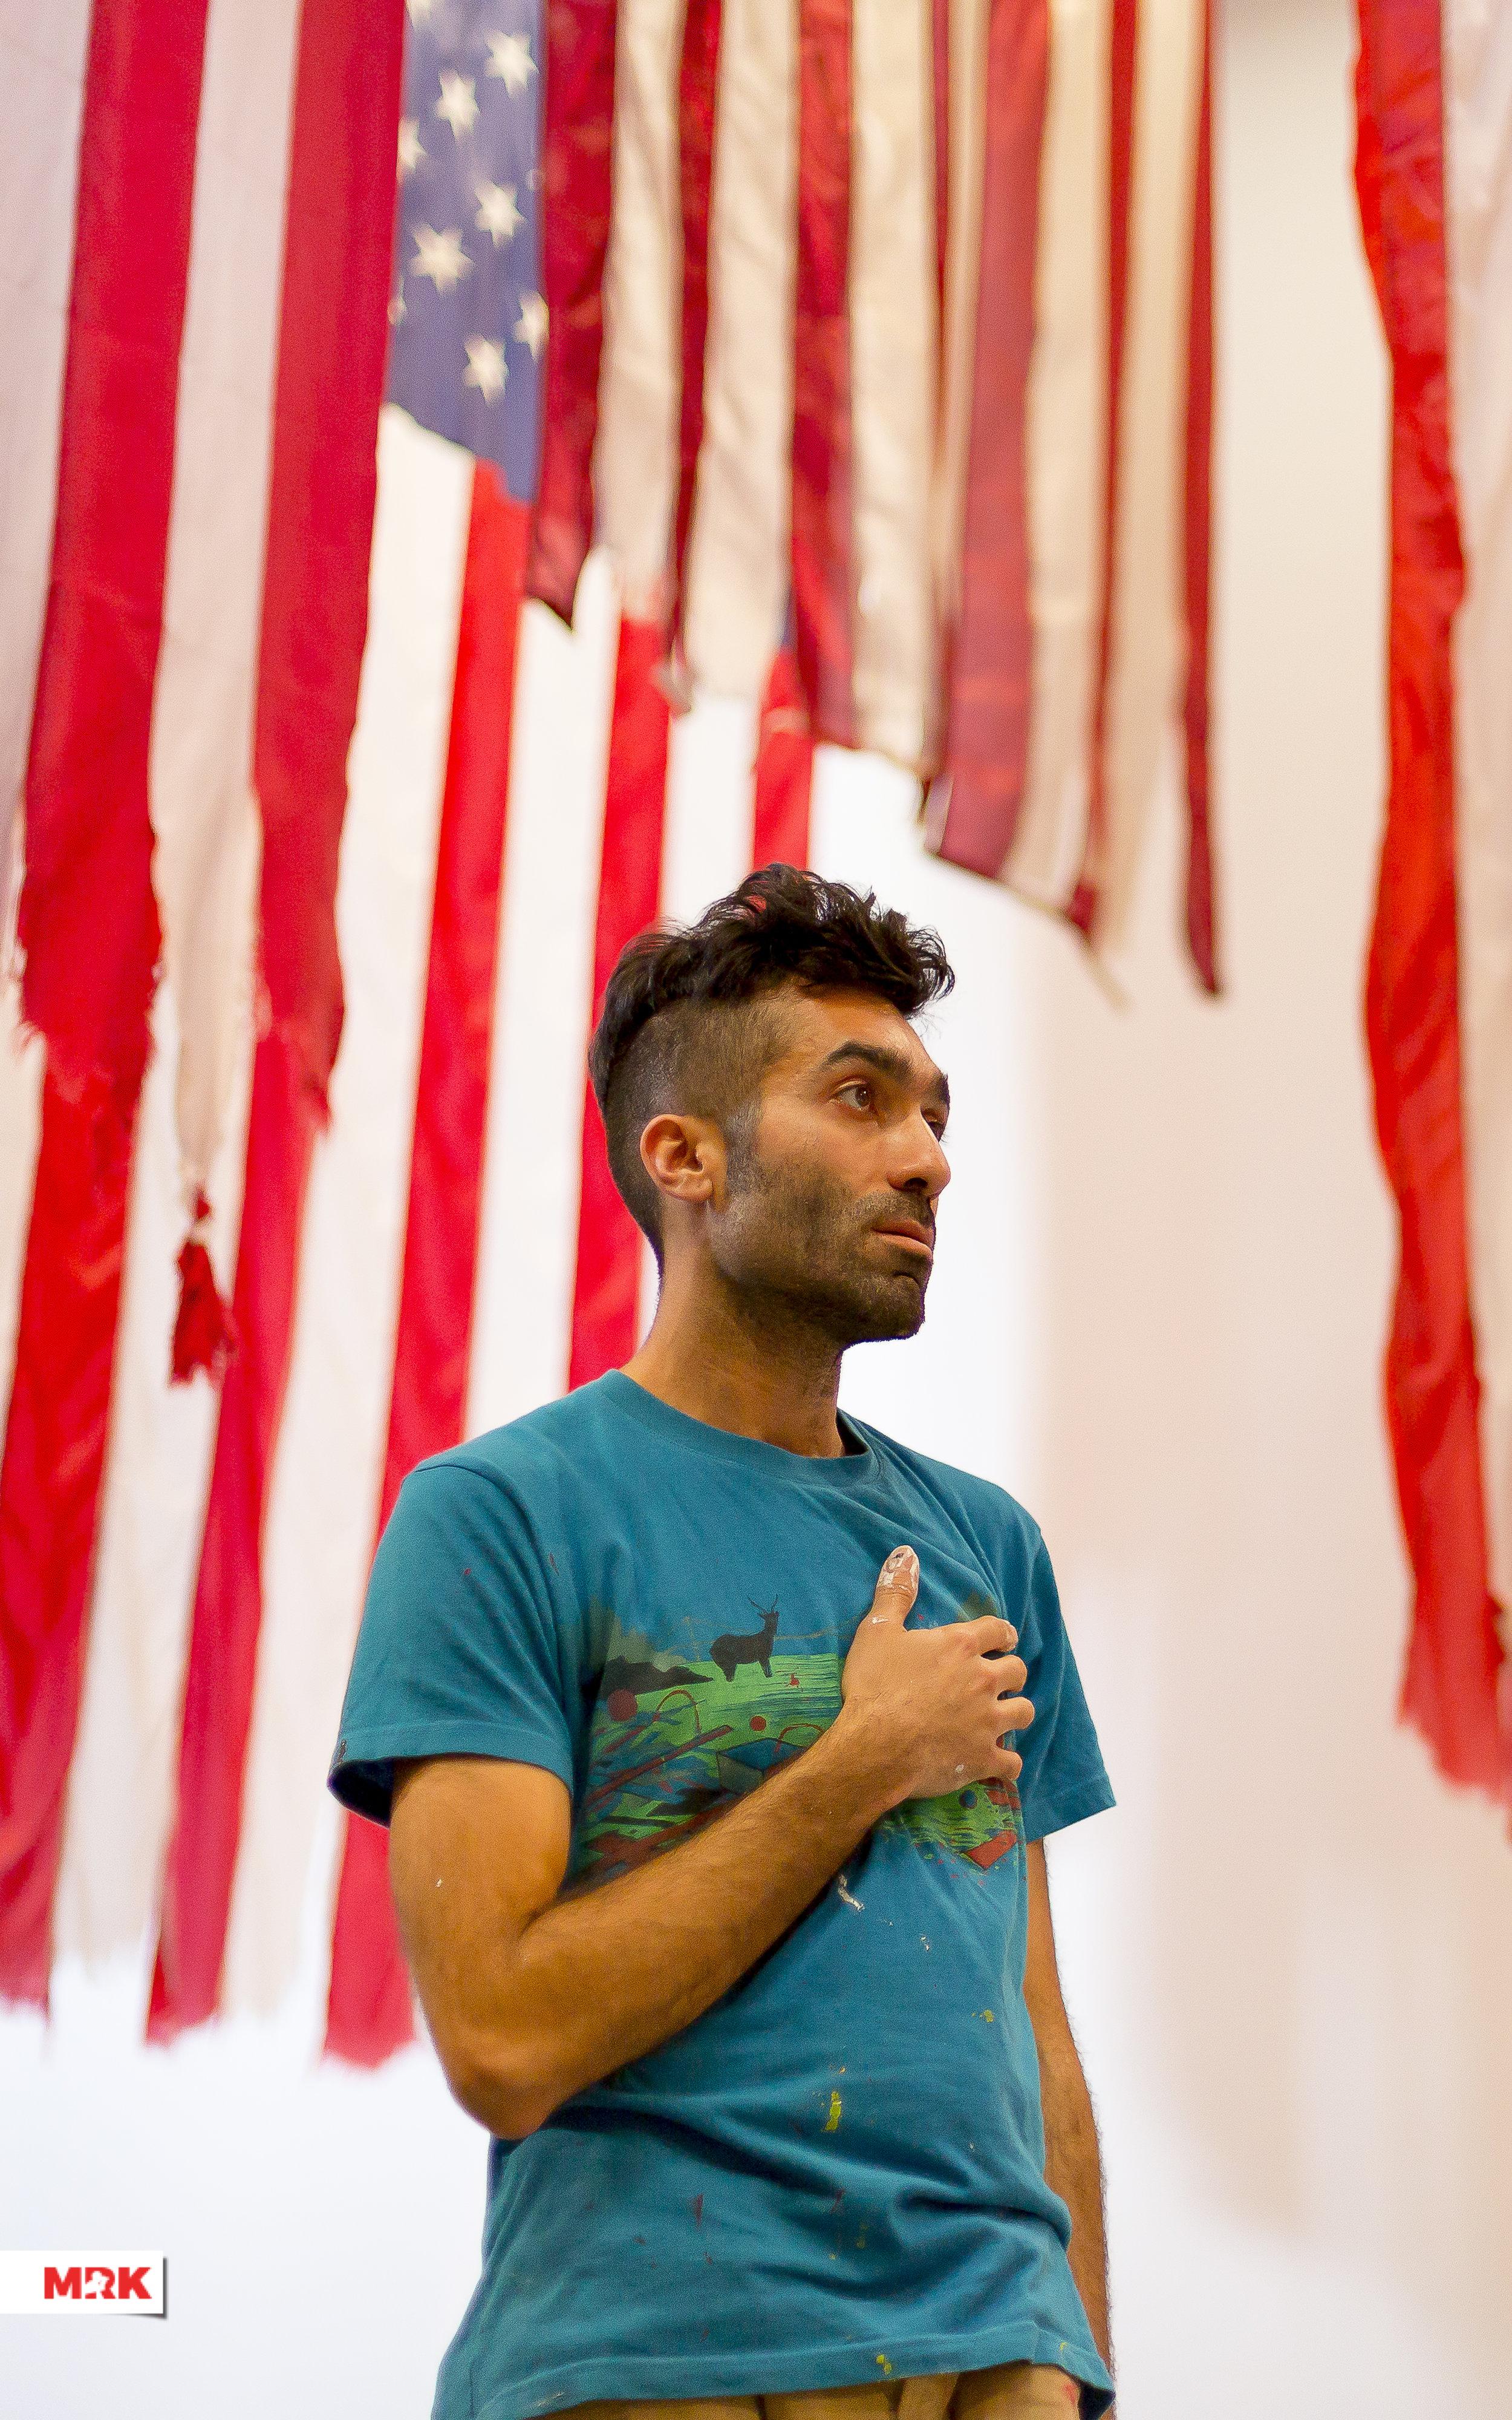 ART - USA (23 of 28).jpg